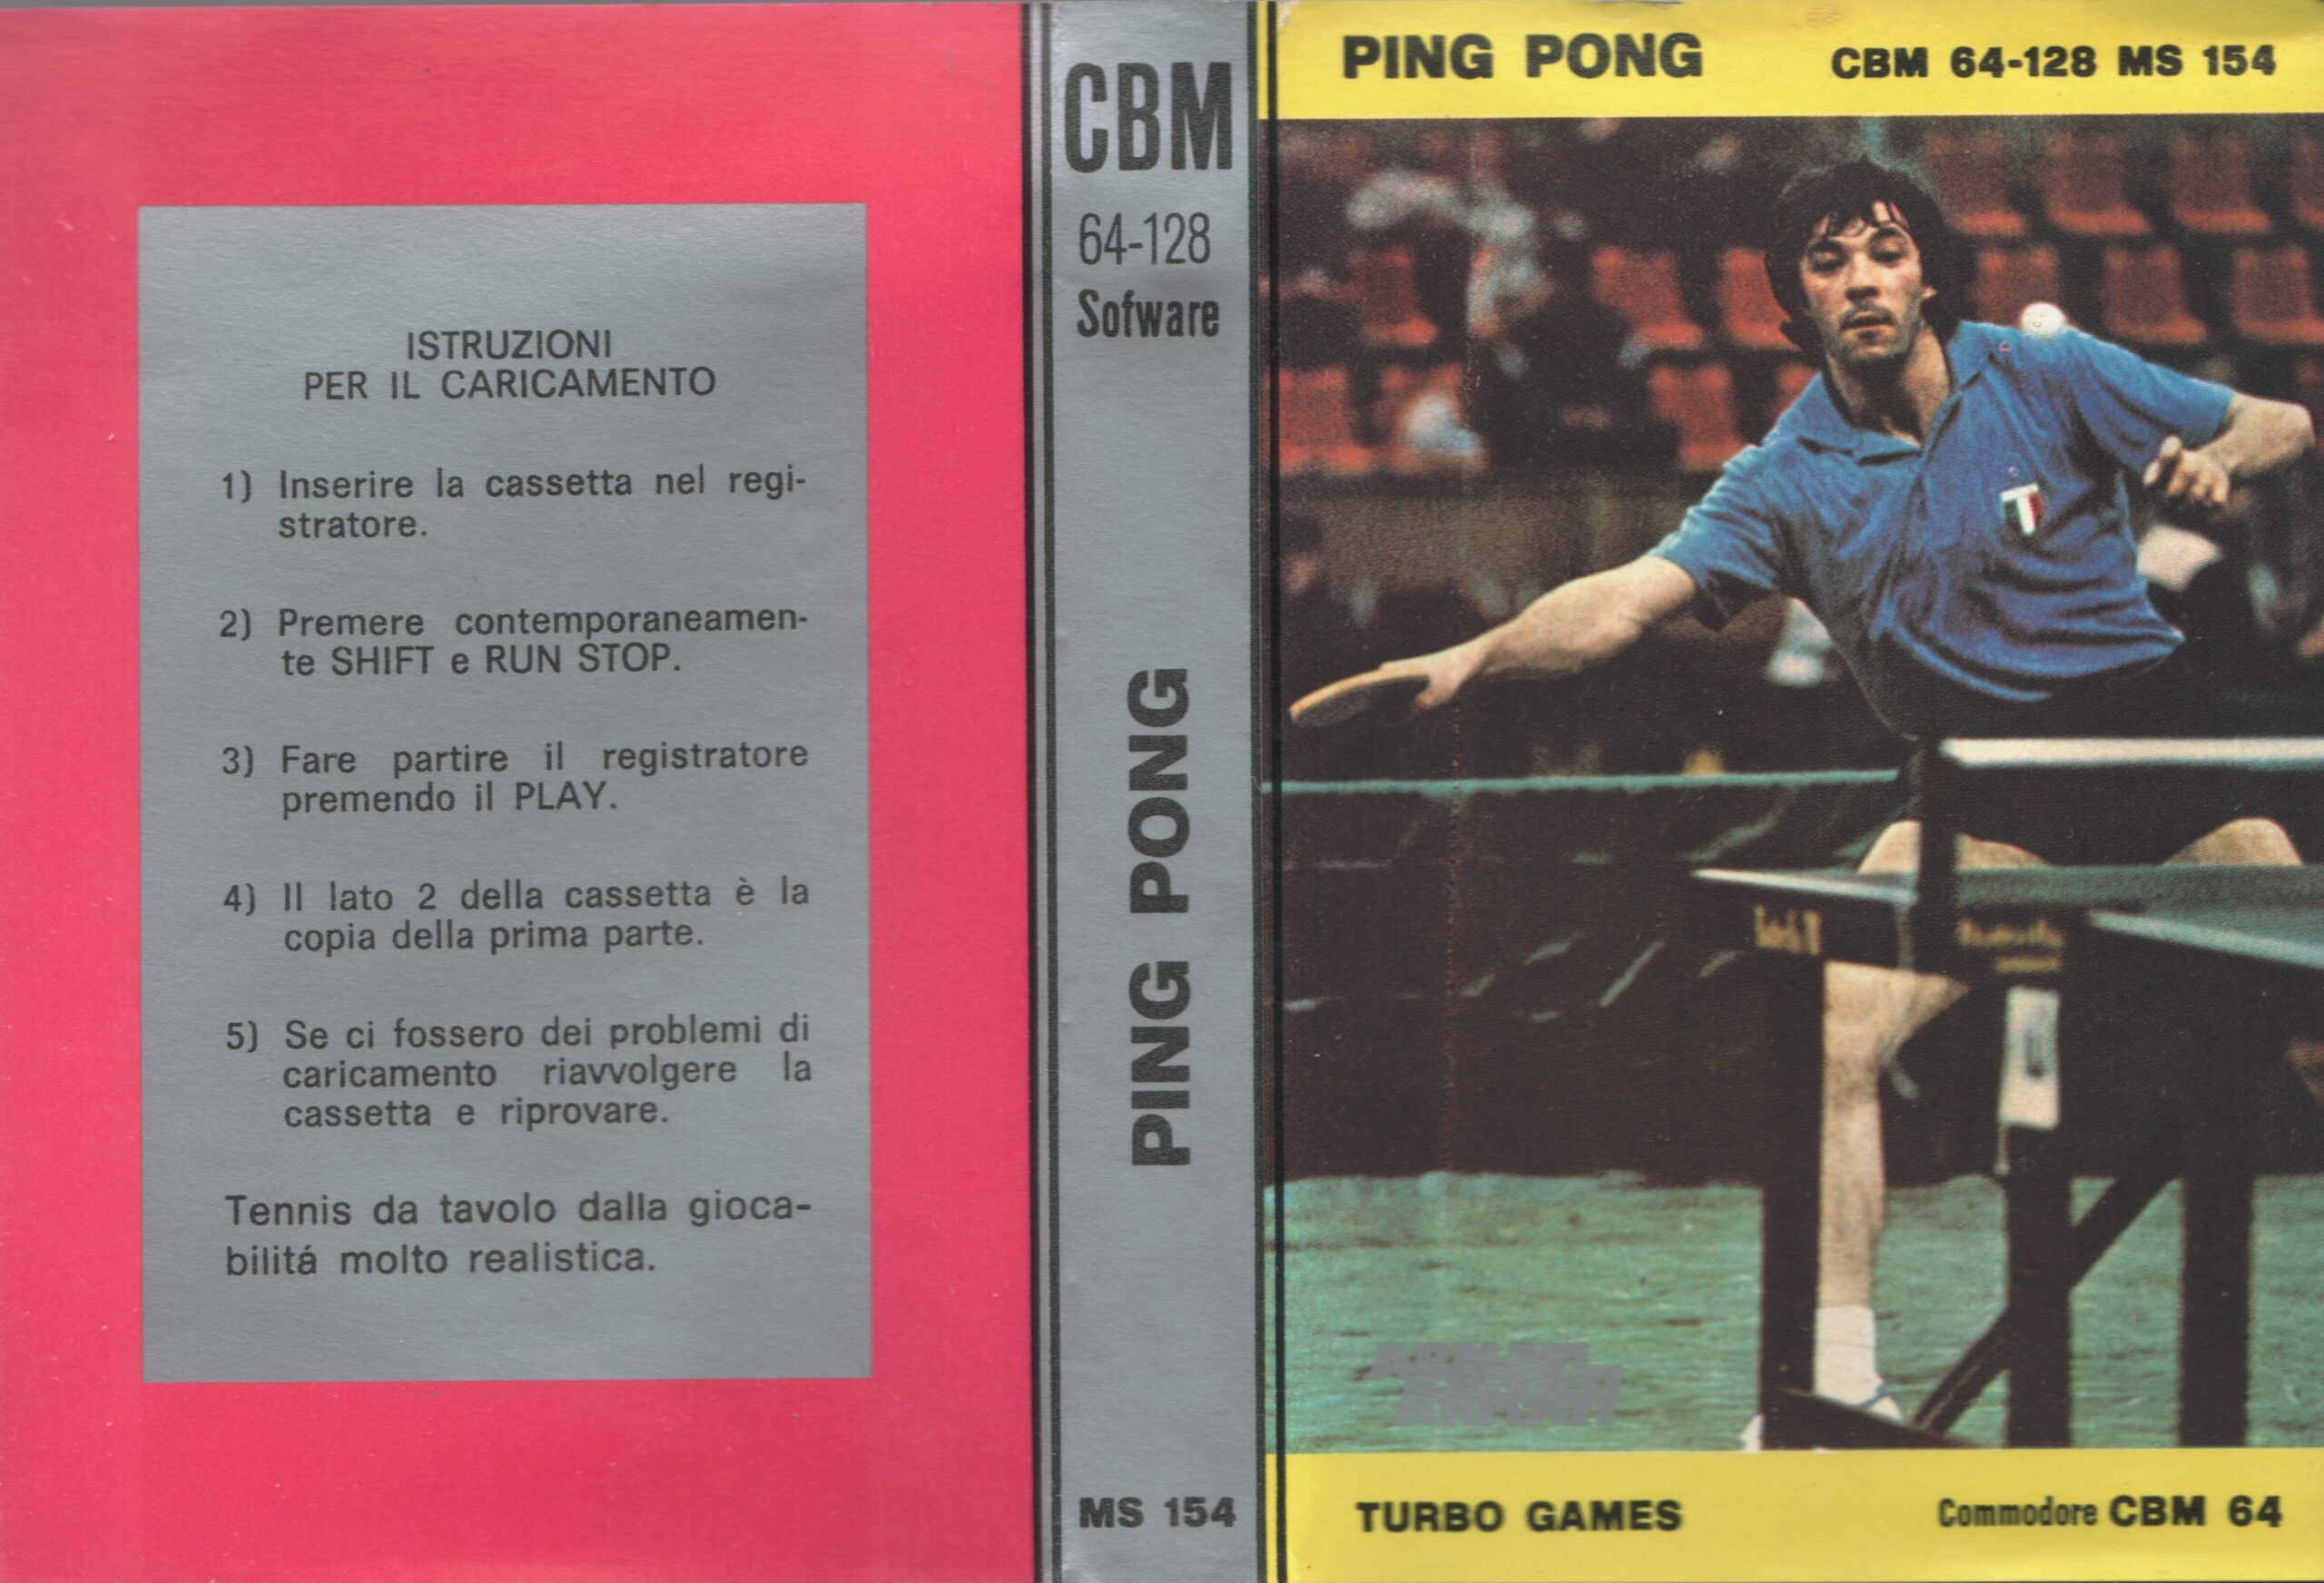 PING PONG MS 154